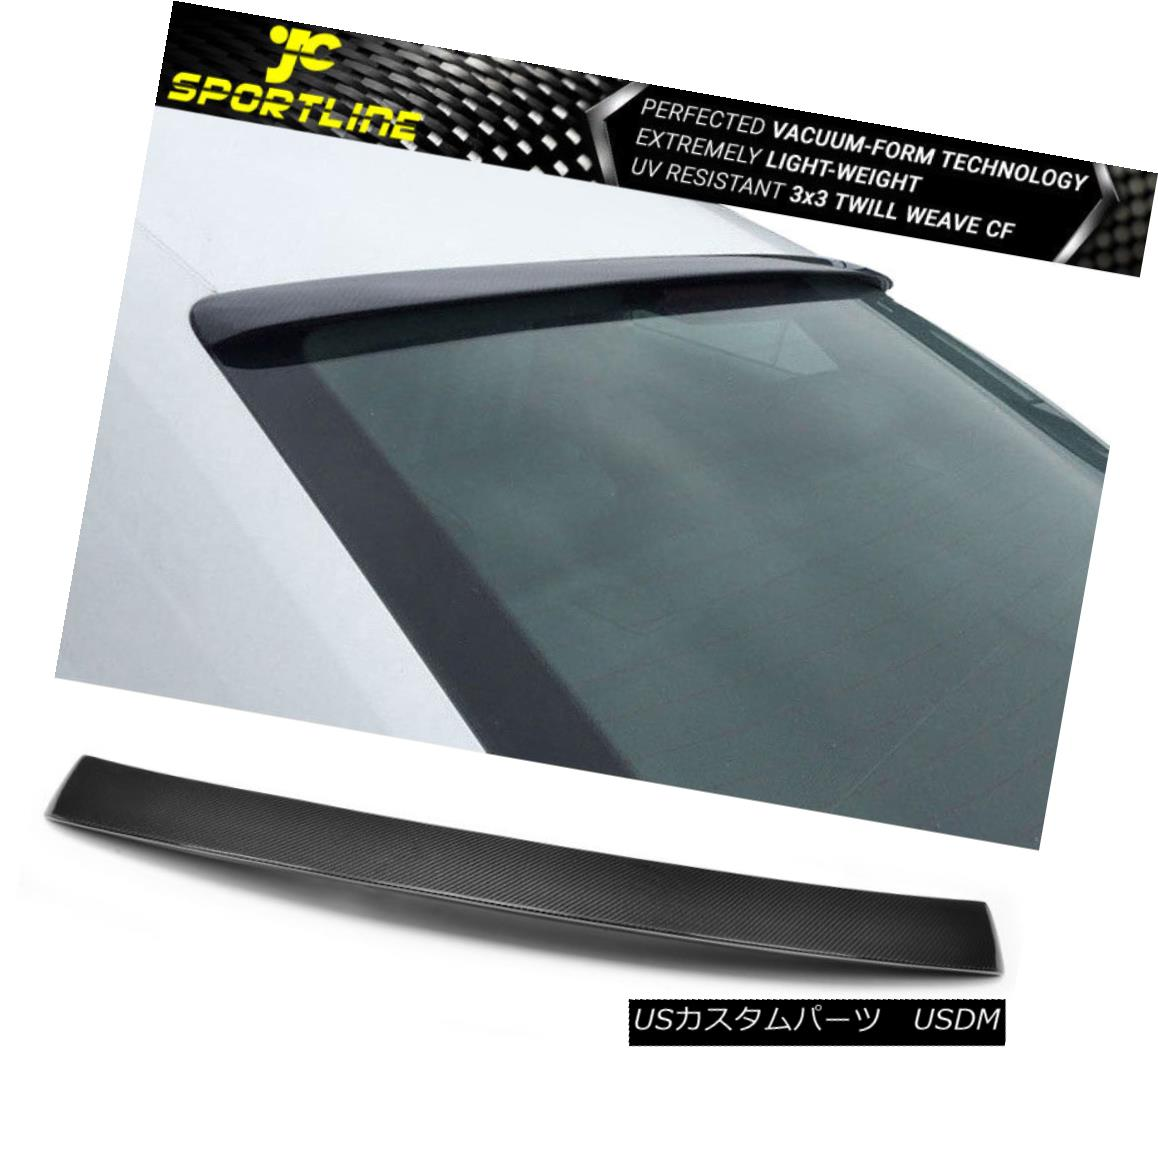 エアロパーツ Fits 08-16 Audi A5 Sportback Carbon Fiber Rear Roof Spoiler Wing フィット08-16アウディA5スポーツバックカーボンファイバーリアルーフスポイラーウィング